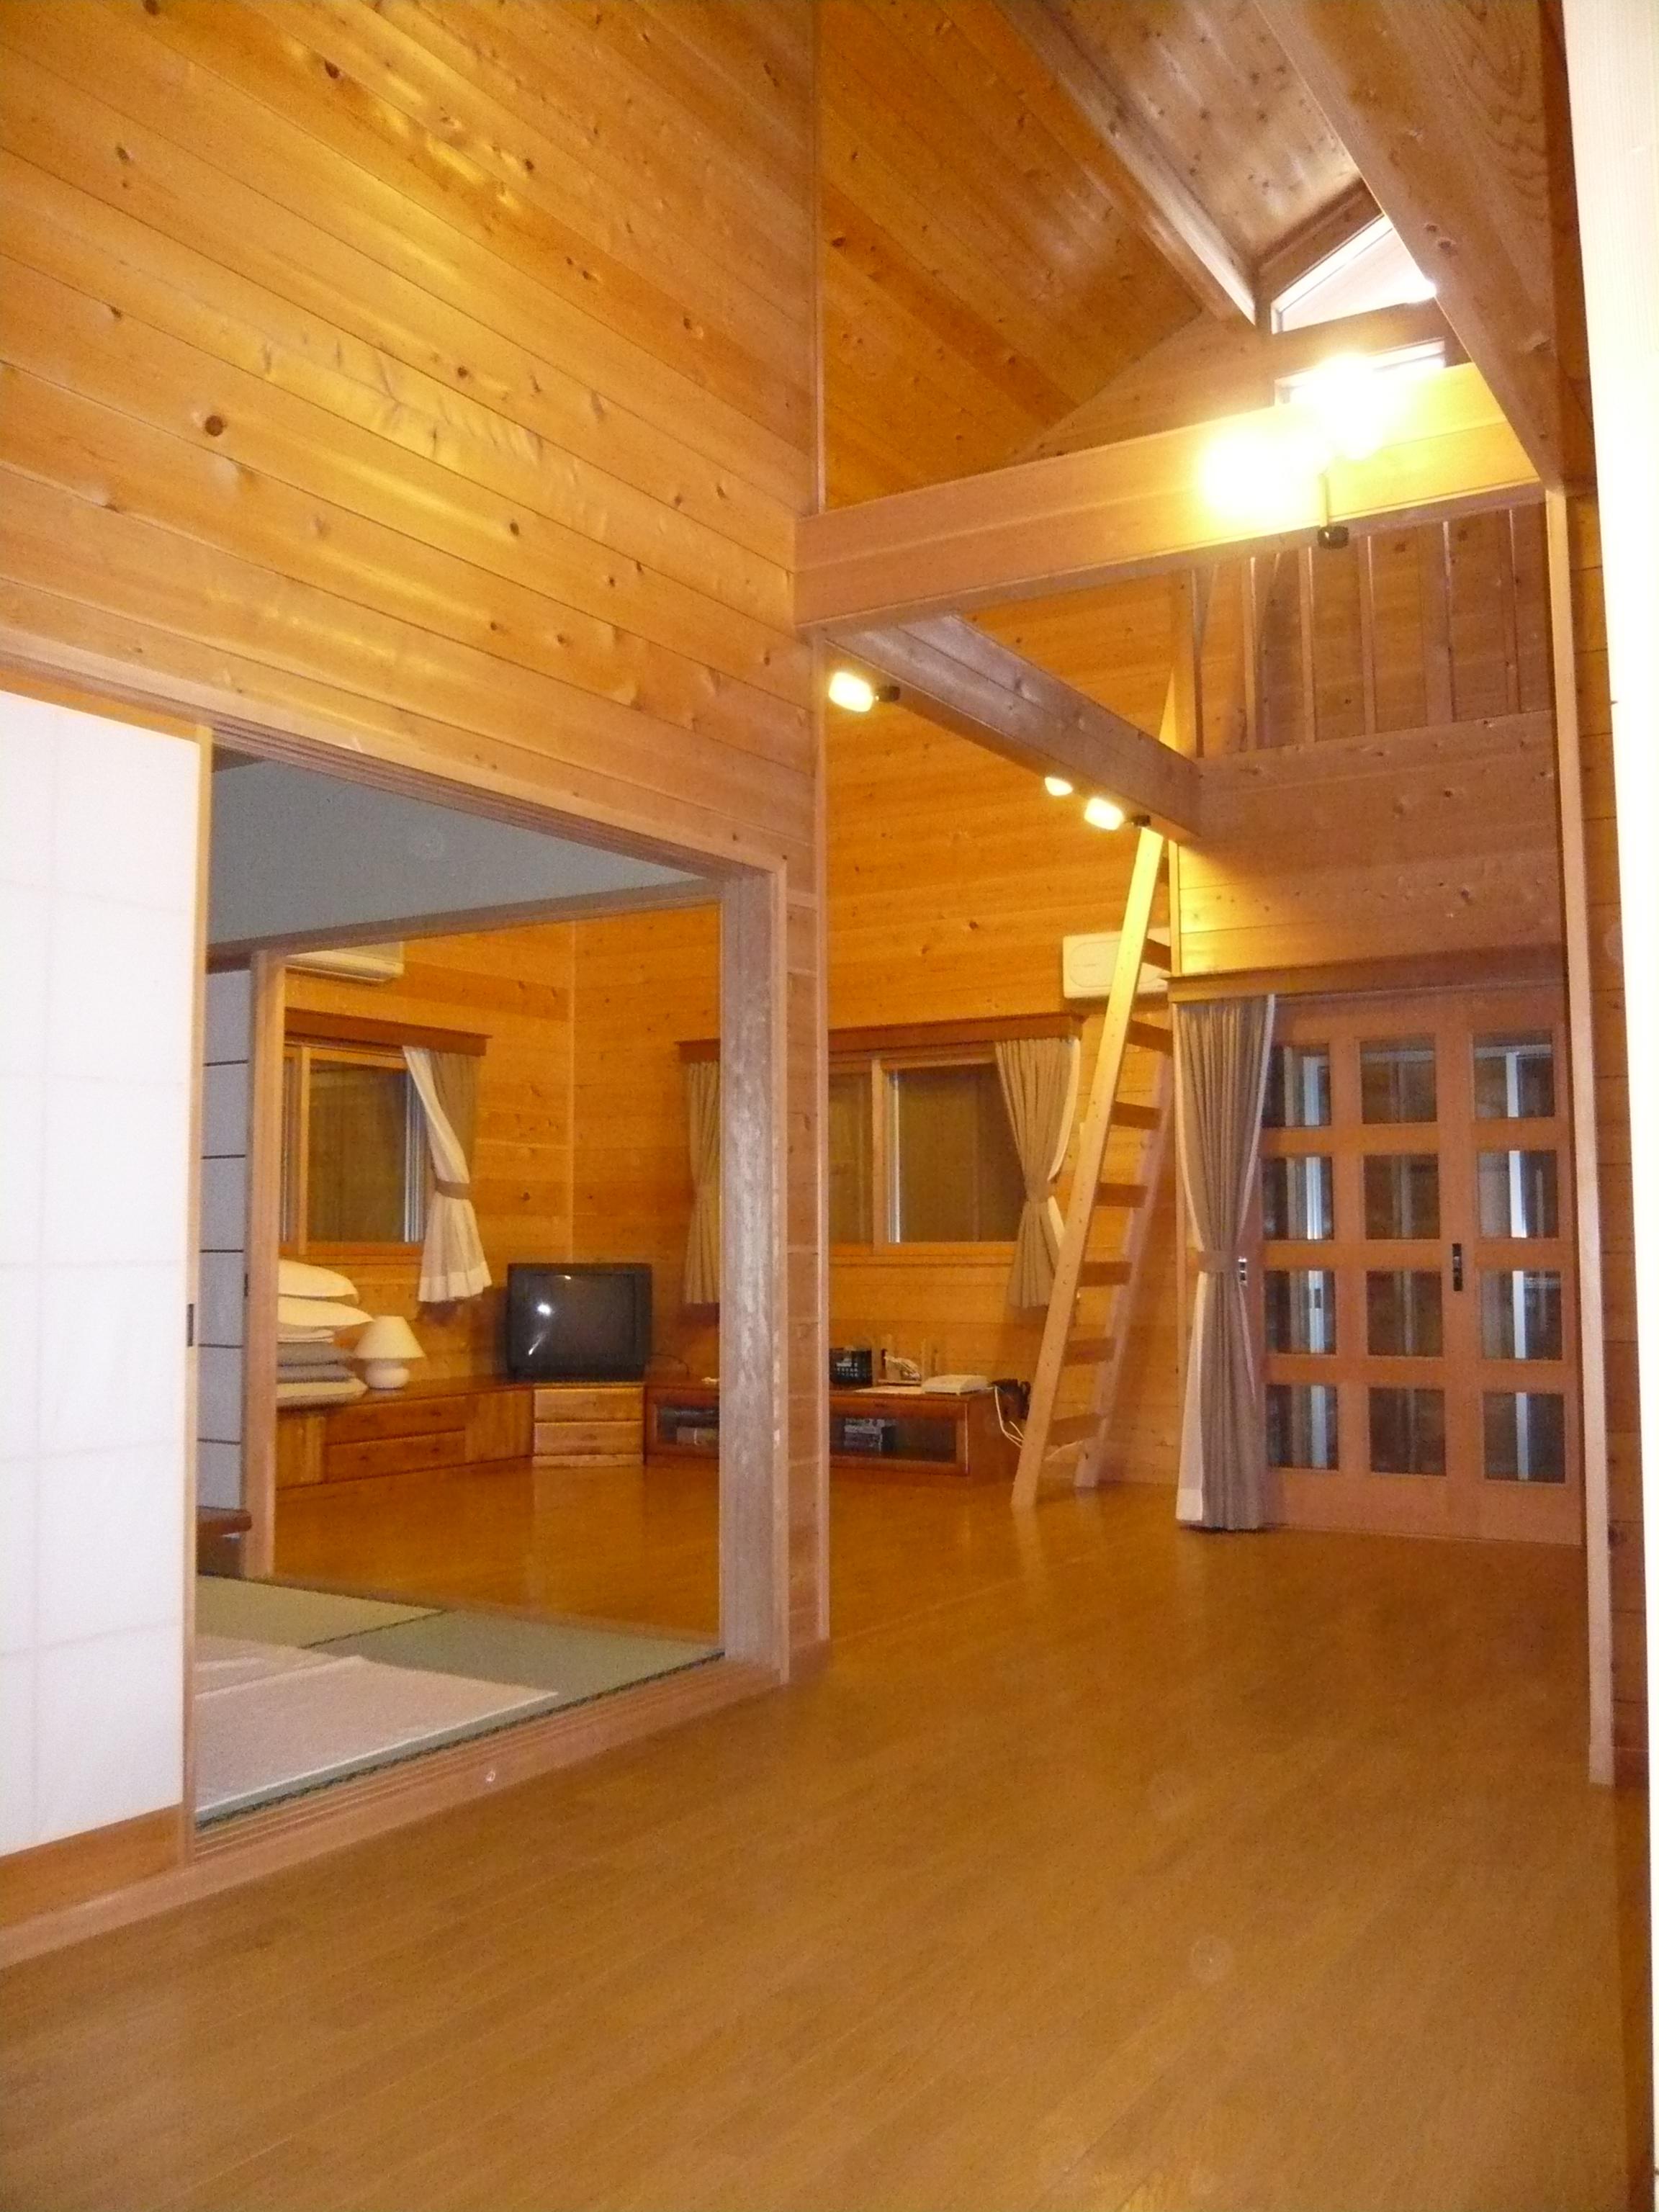 廊下からリビングをみたところです。左側は和室になっています。